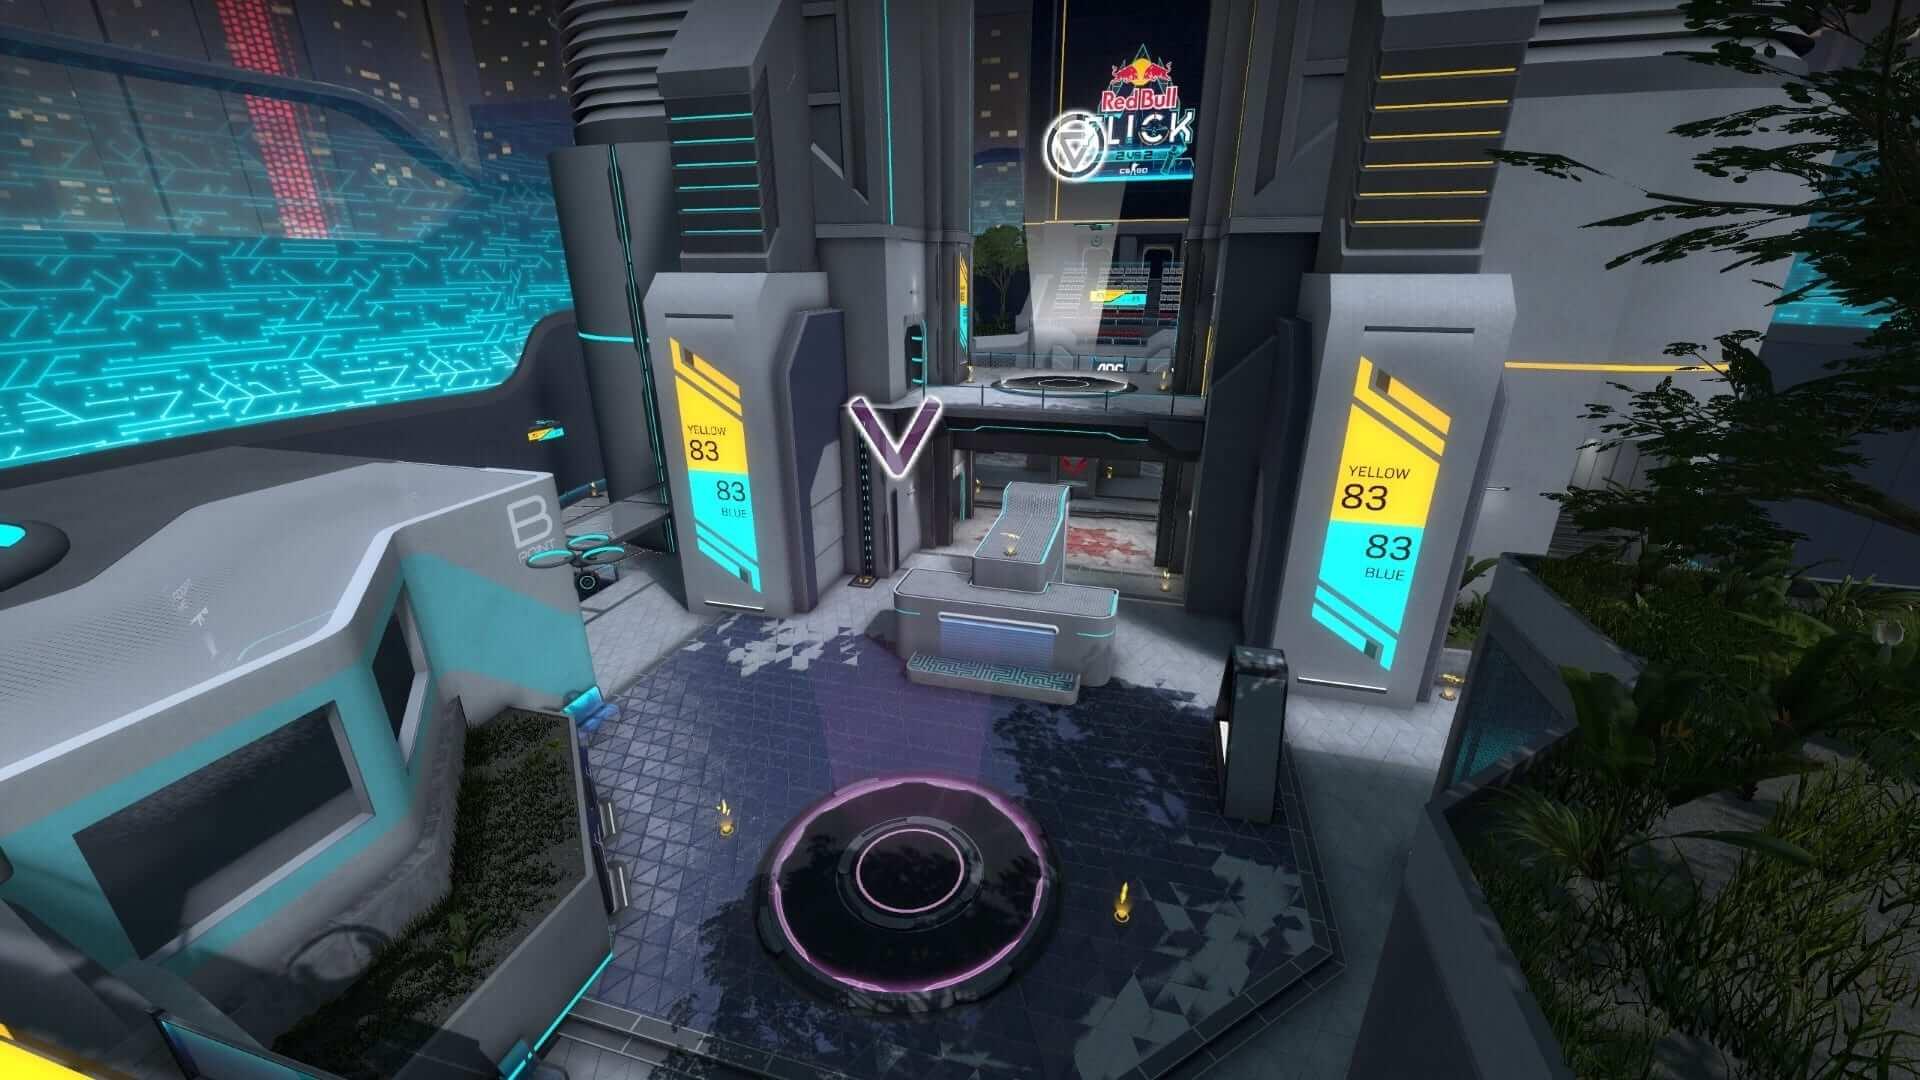 2v2 CS:GO turnuvası Red Bull Flick özel haritalarında devam ediyor